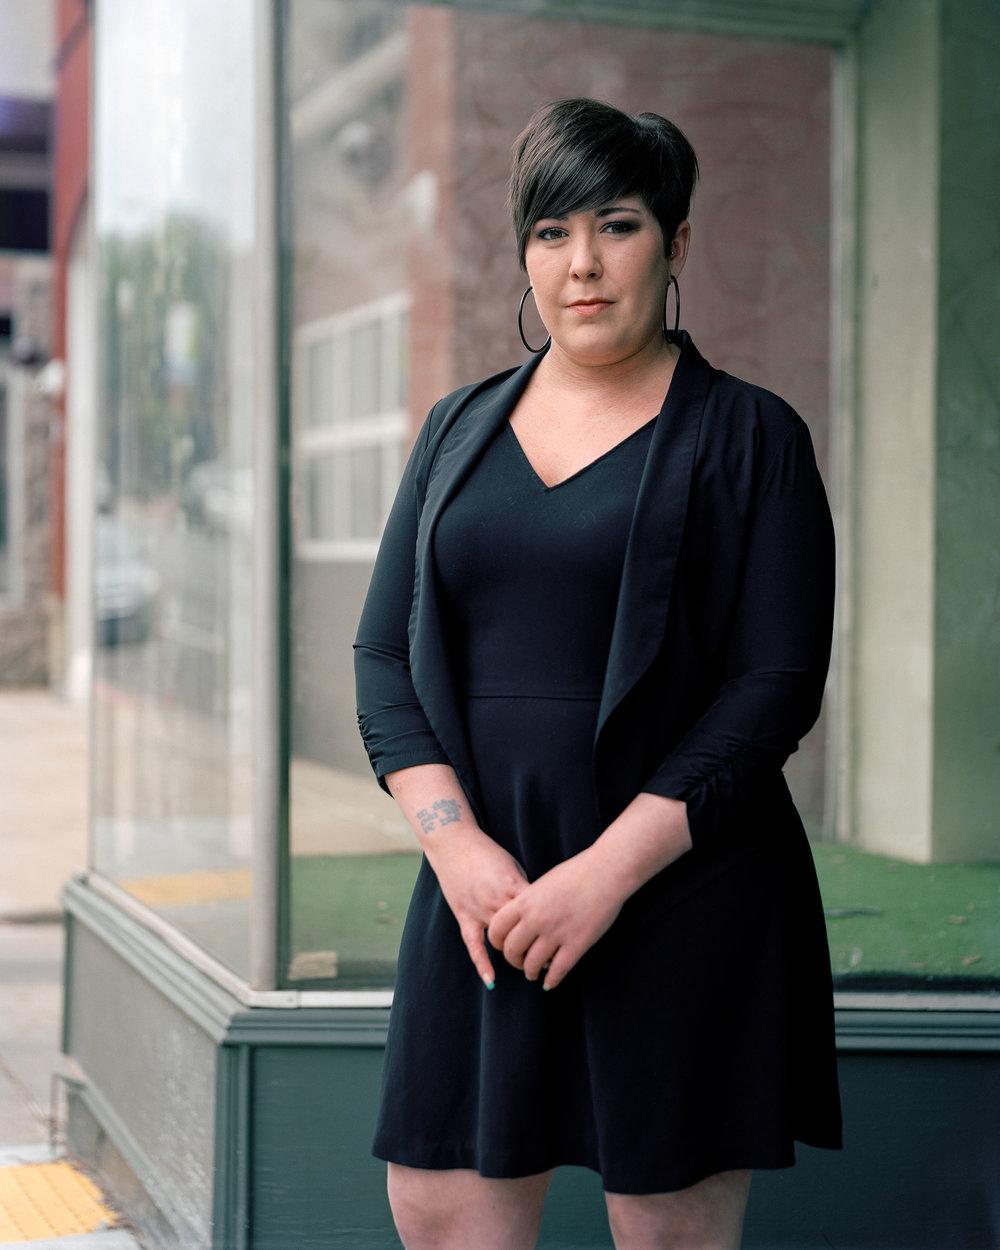 Emily Keller